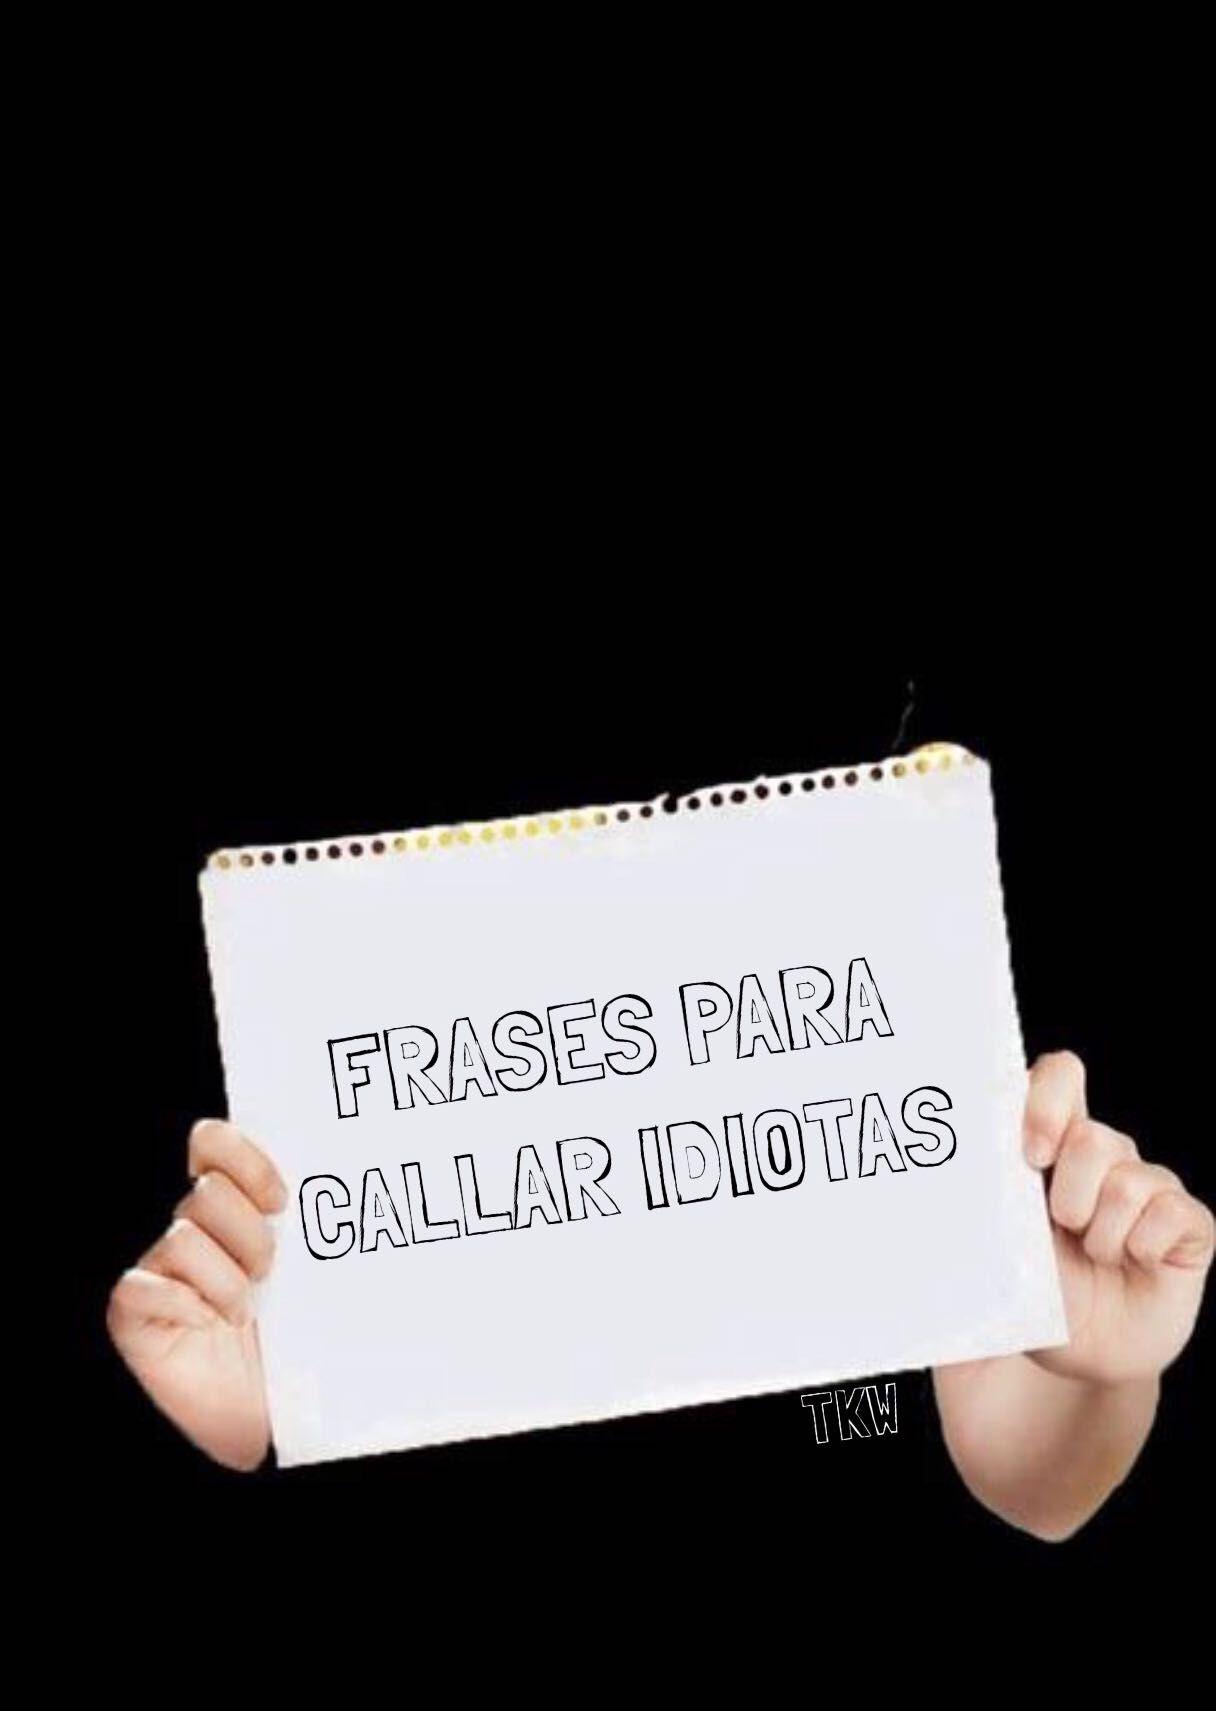 Frases Para Callar Idiotas Finalizada Frases Para Callar